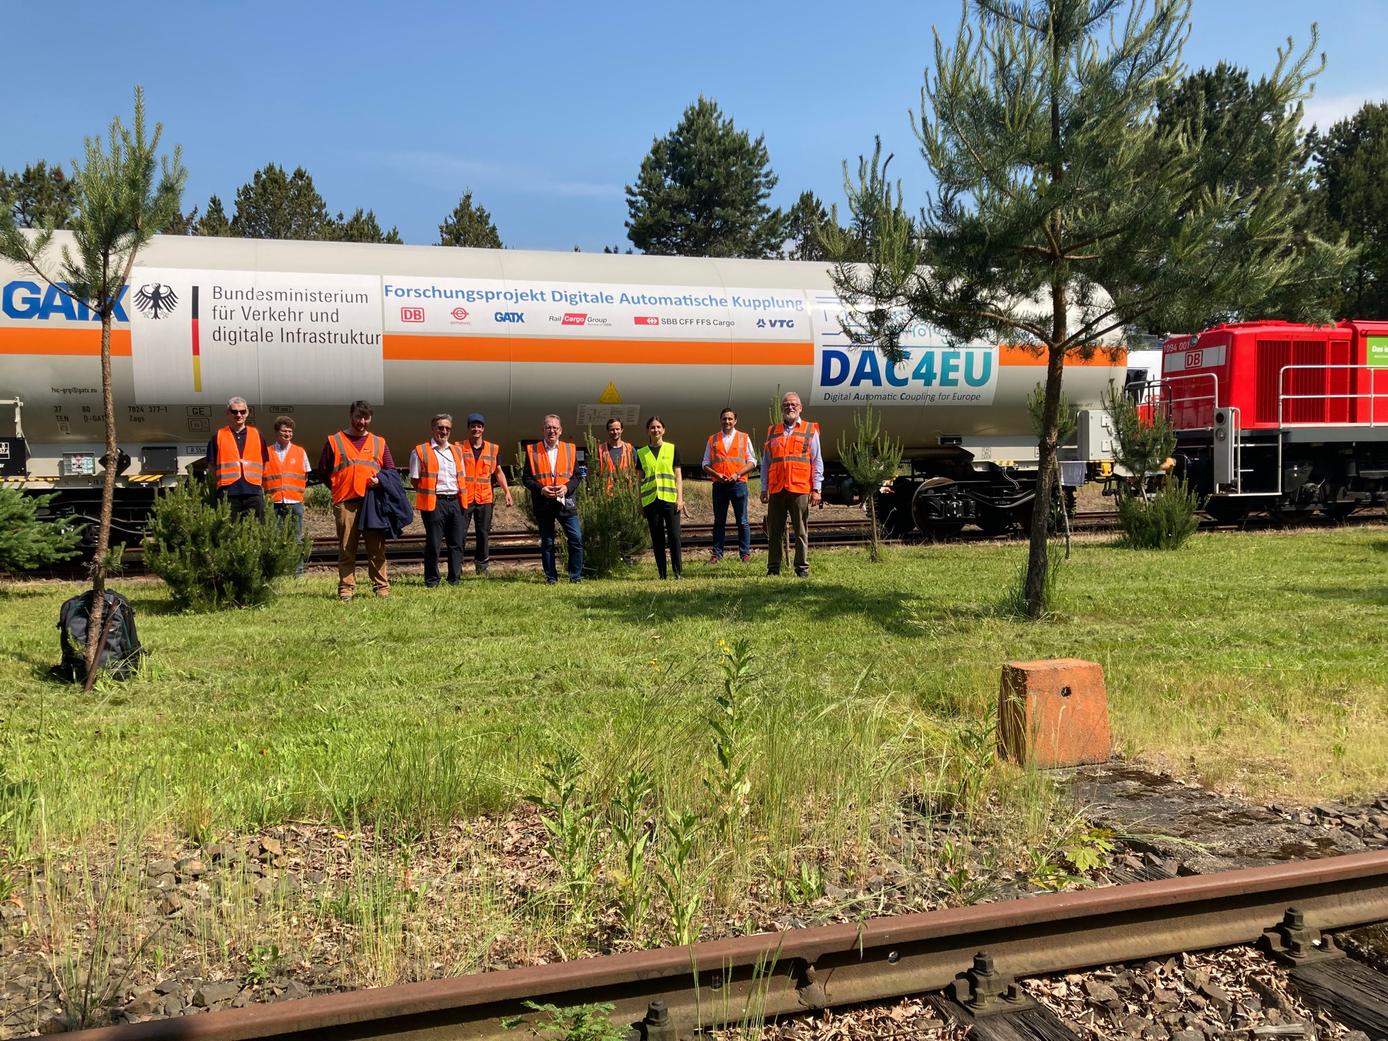 DAK-Testing in Görlitz